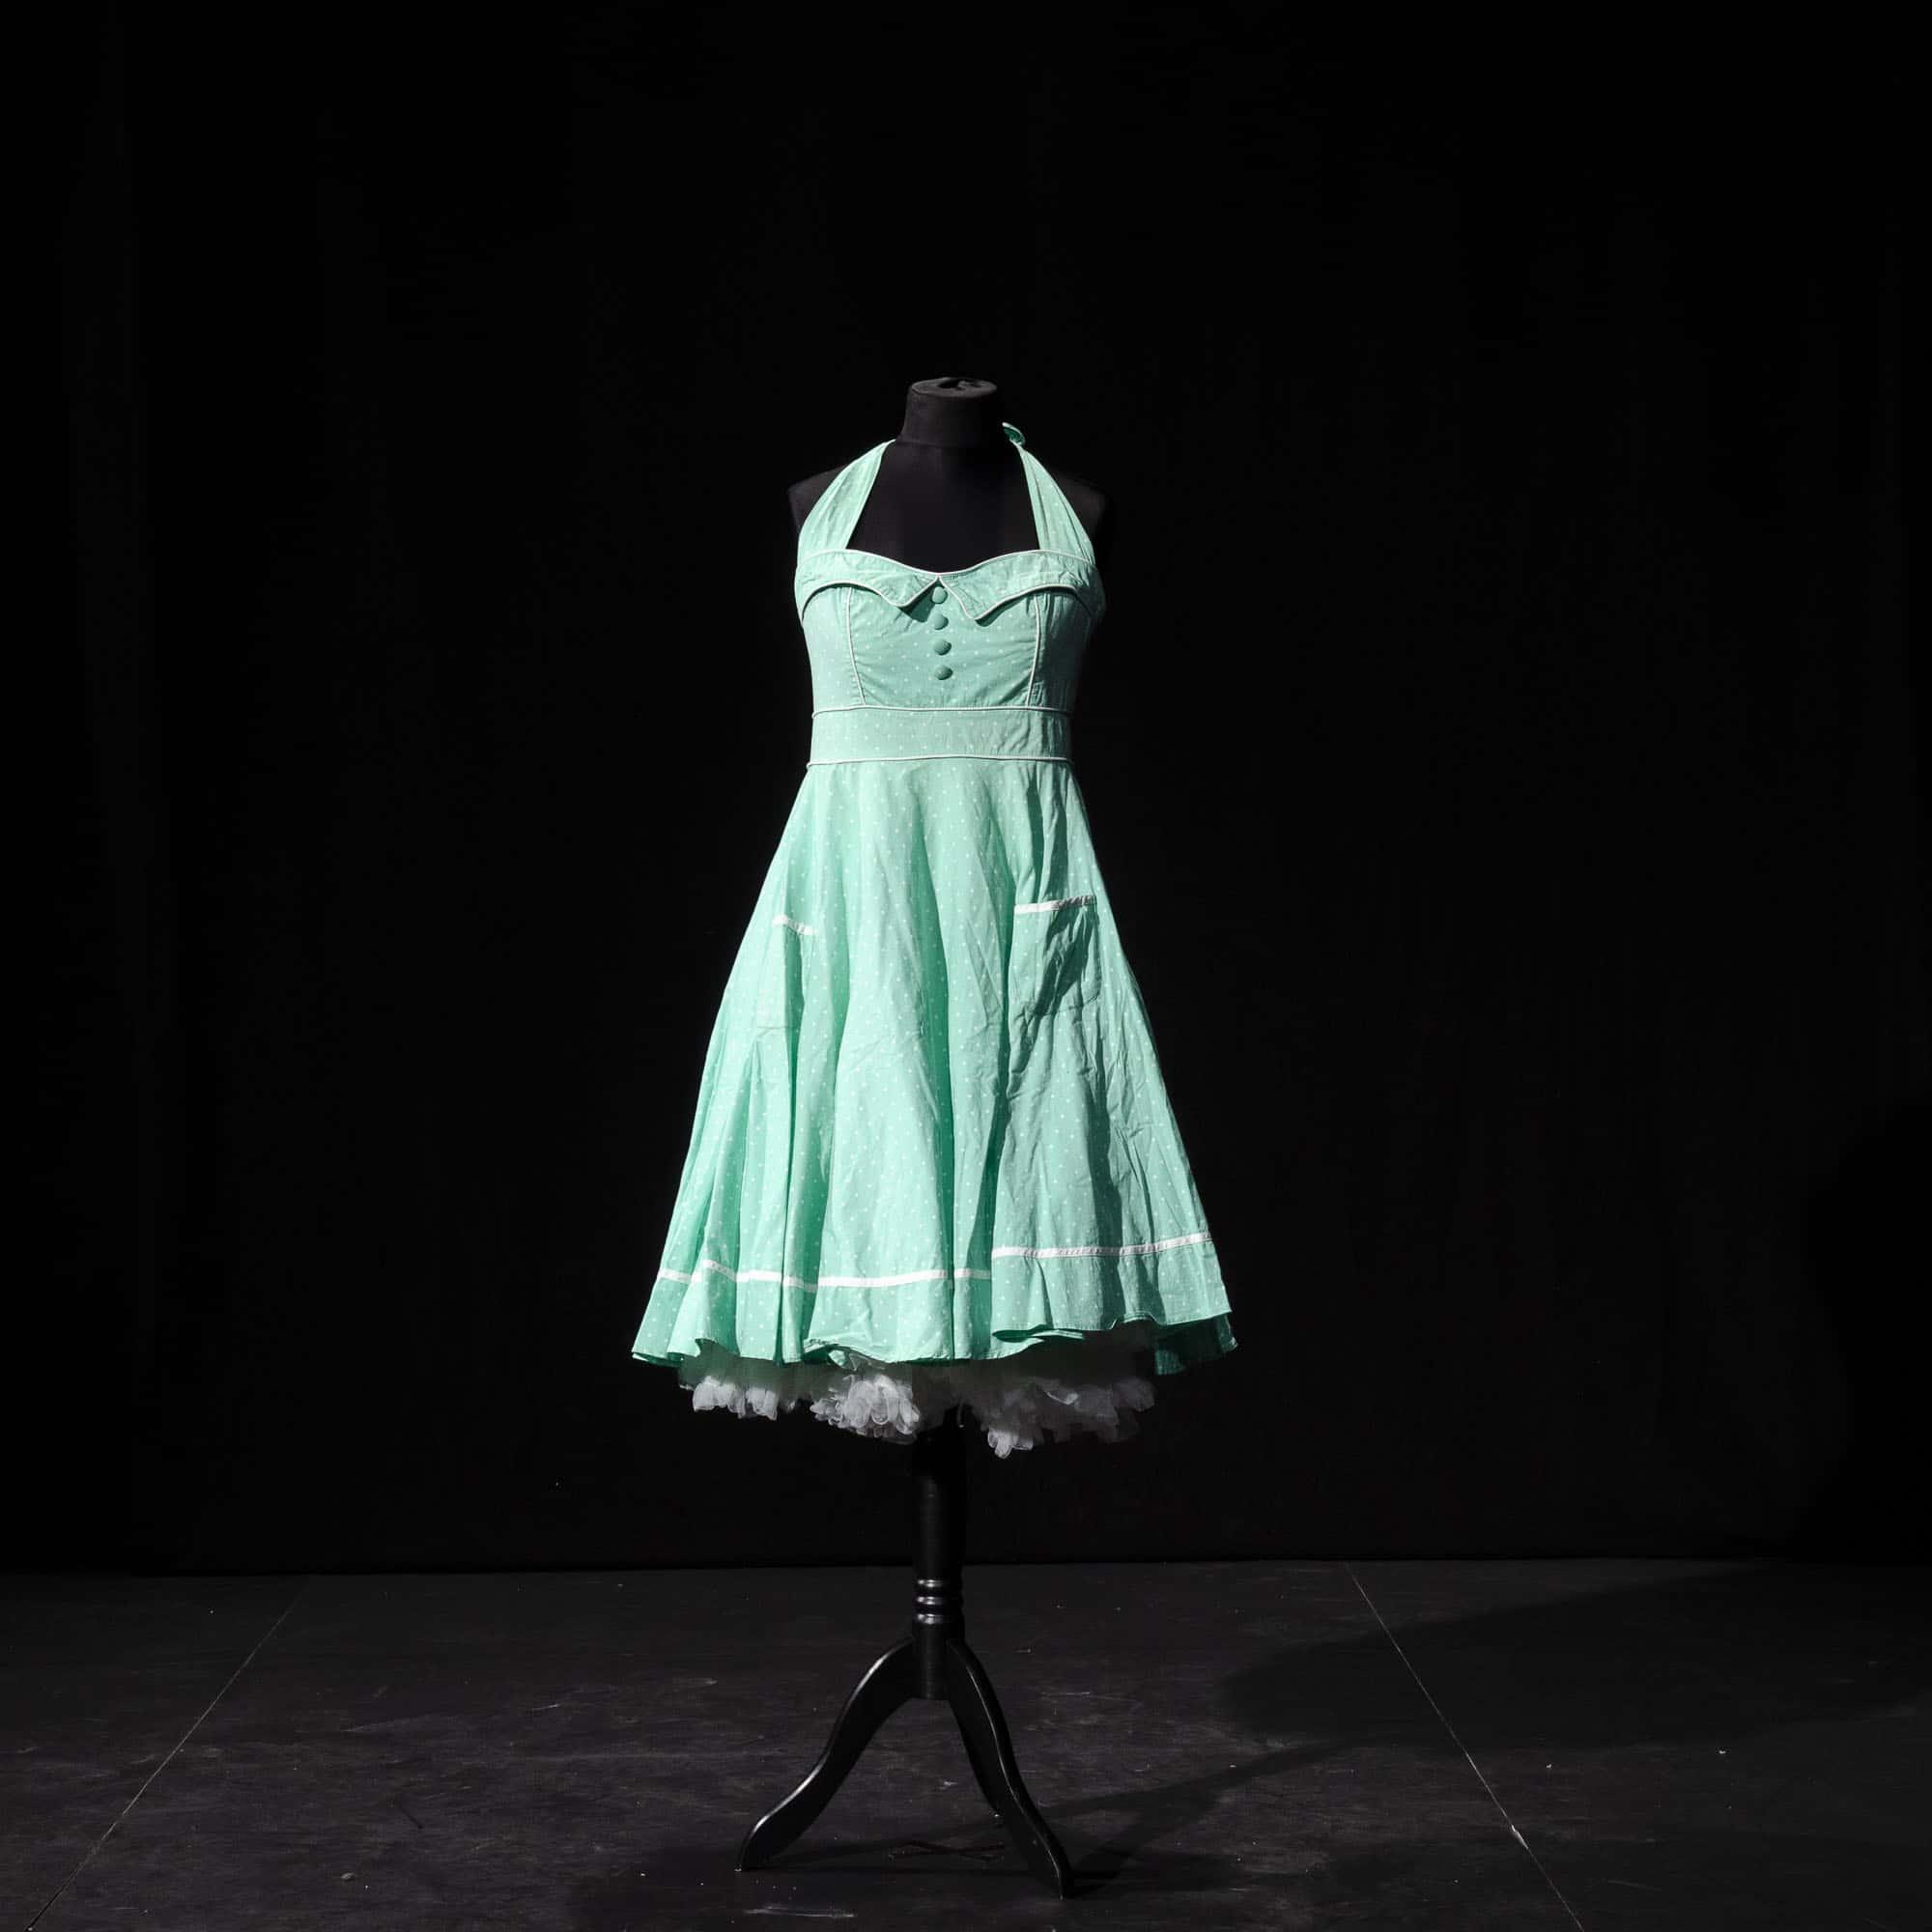 Petticoat PC003